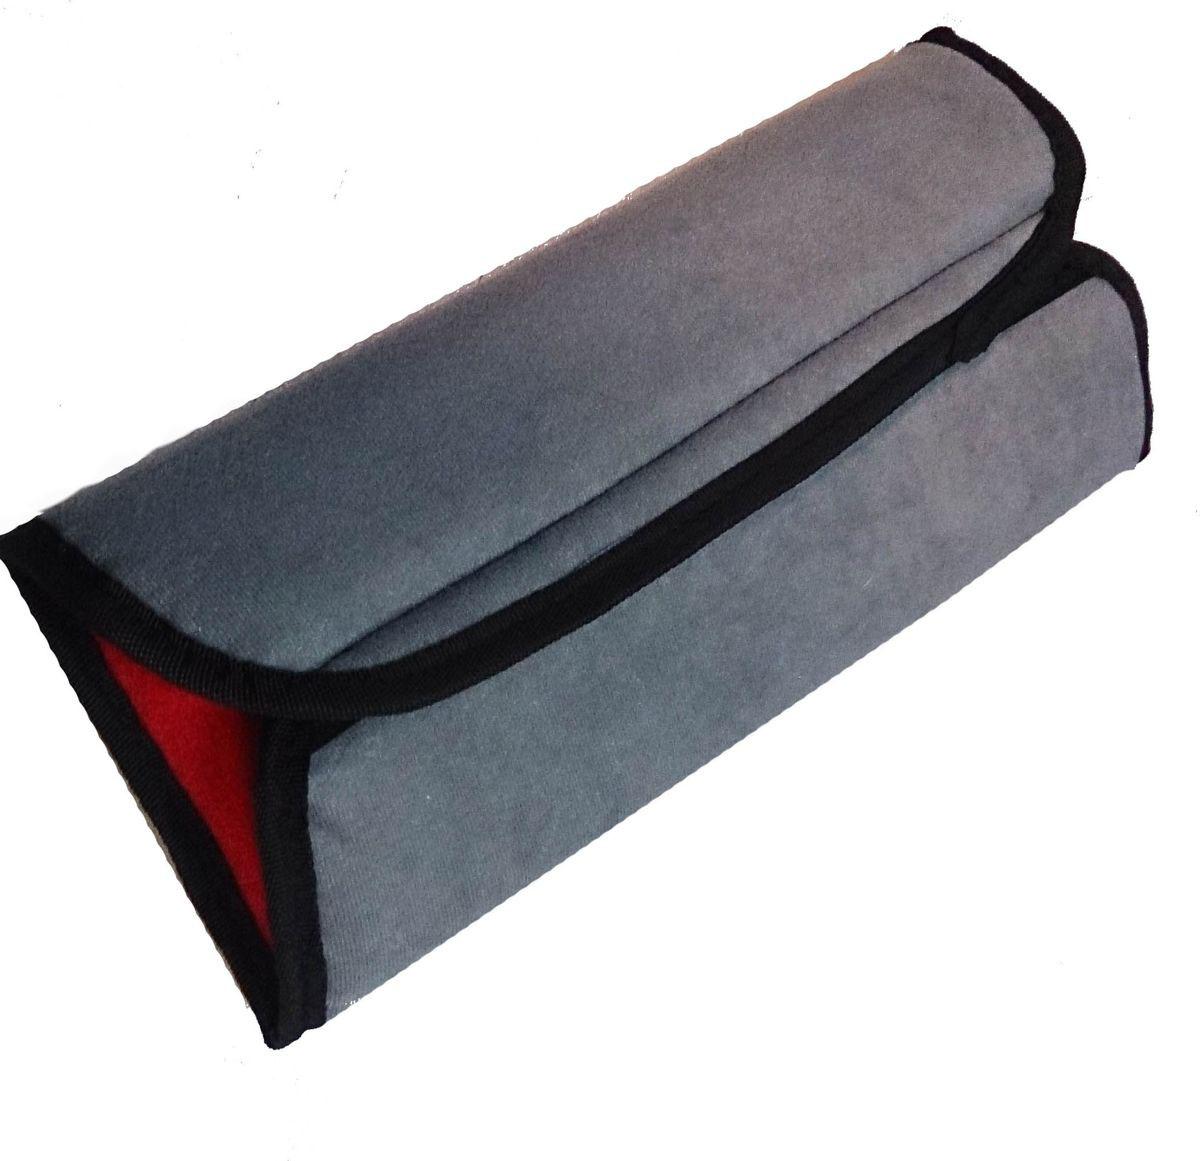 Накладка-подушка на ремень безопасности двухсторонняя Auto Premium, цвет: серый, красный. 77158 цена